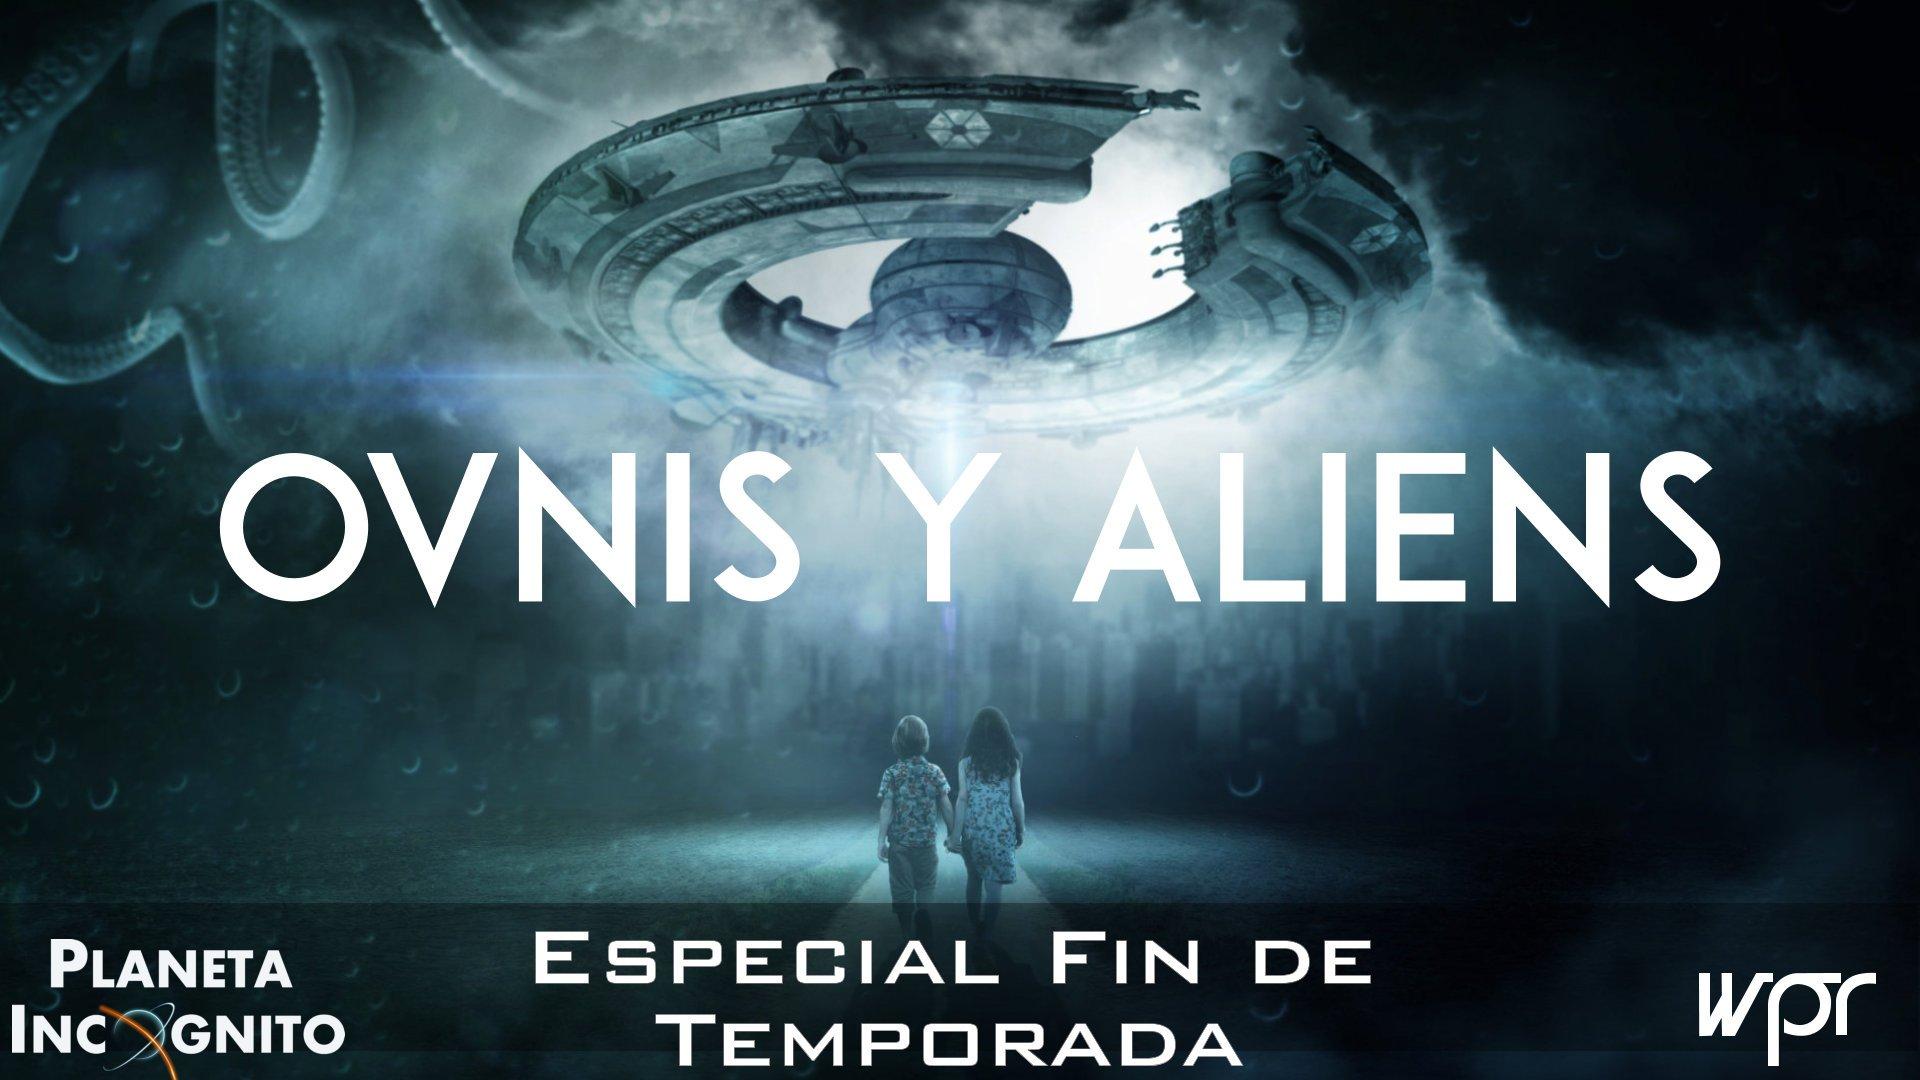 4x28 OVNIS Y ALIENS, y más... : Especial Final de Temporada 6